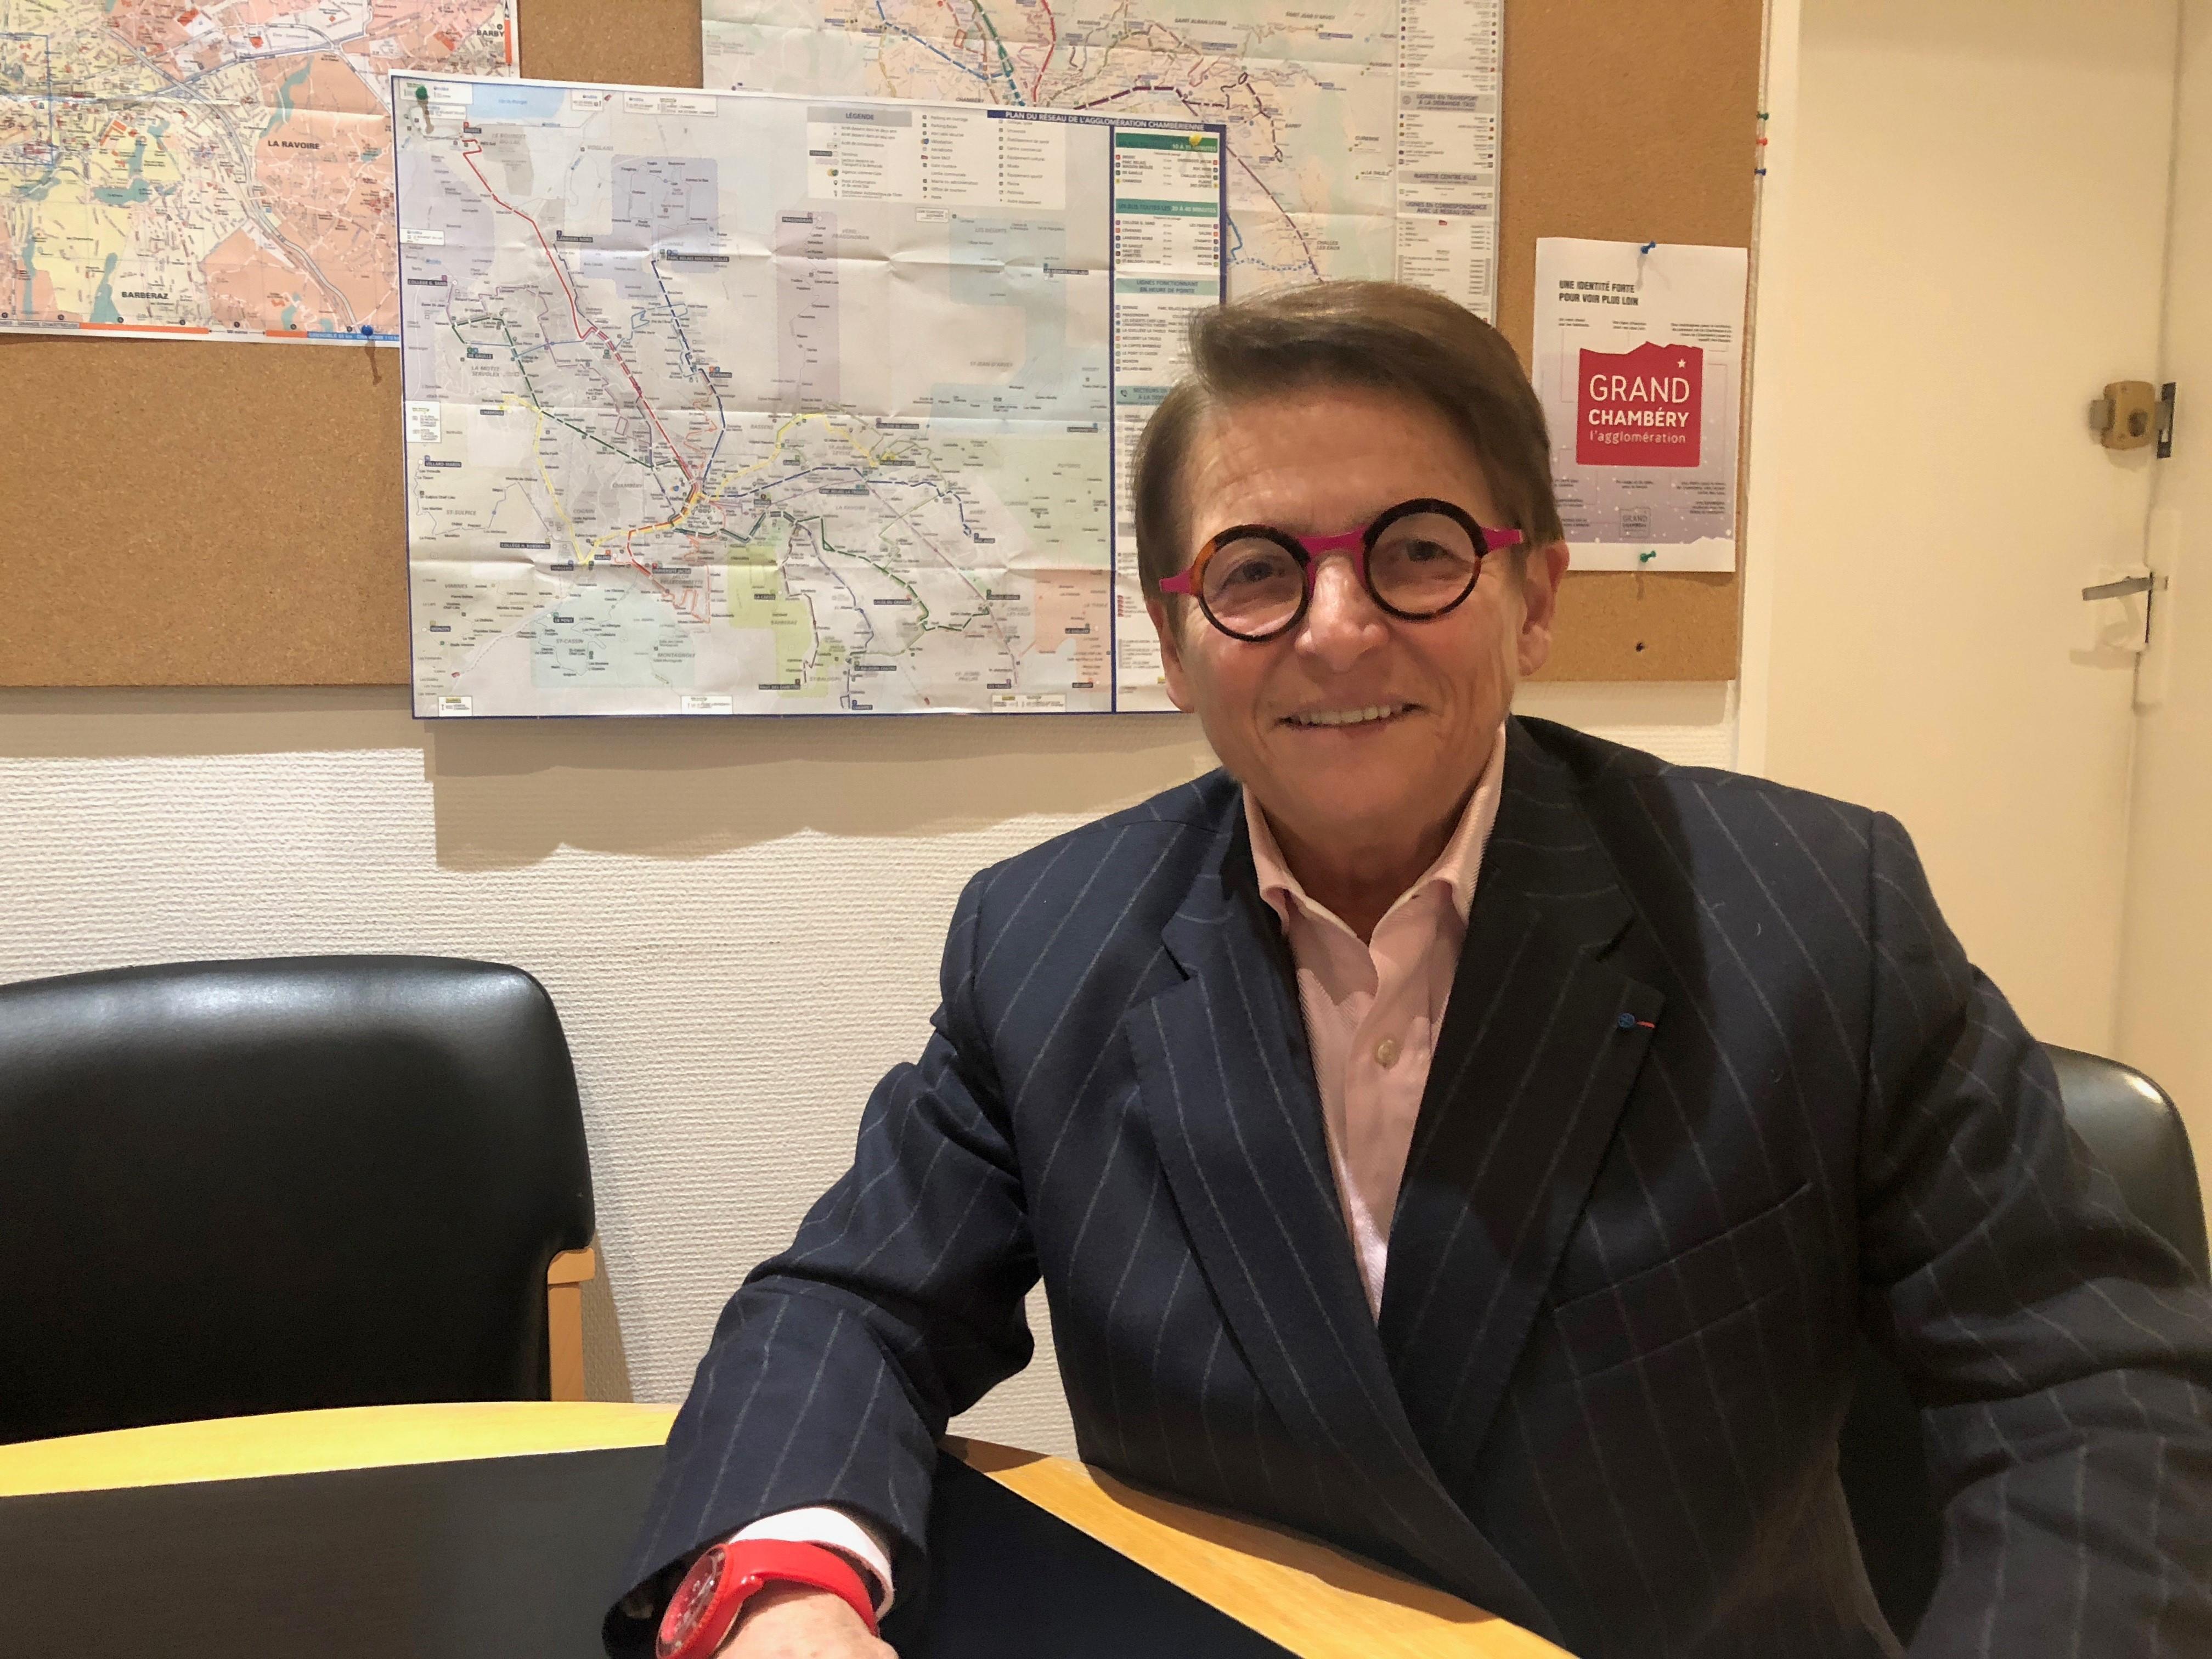 L'élu estime que son côté « bilingue » (elle parle à la fois le langage des pouvoirs publics et celui de la SNCF) a simplifié les choses.